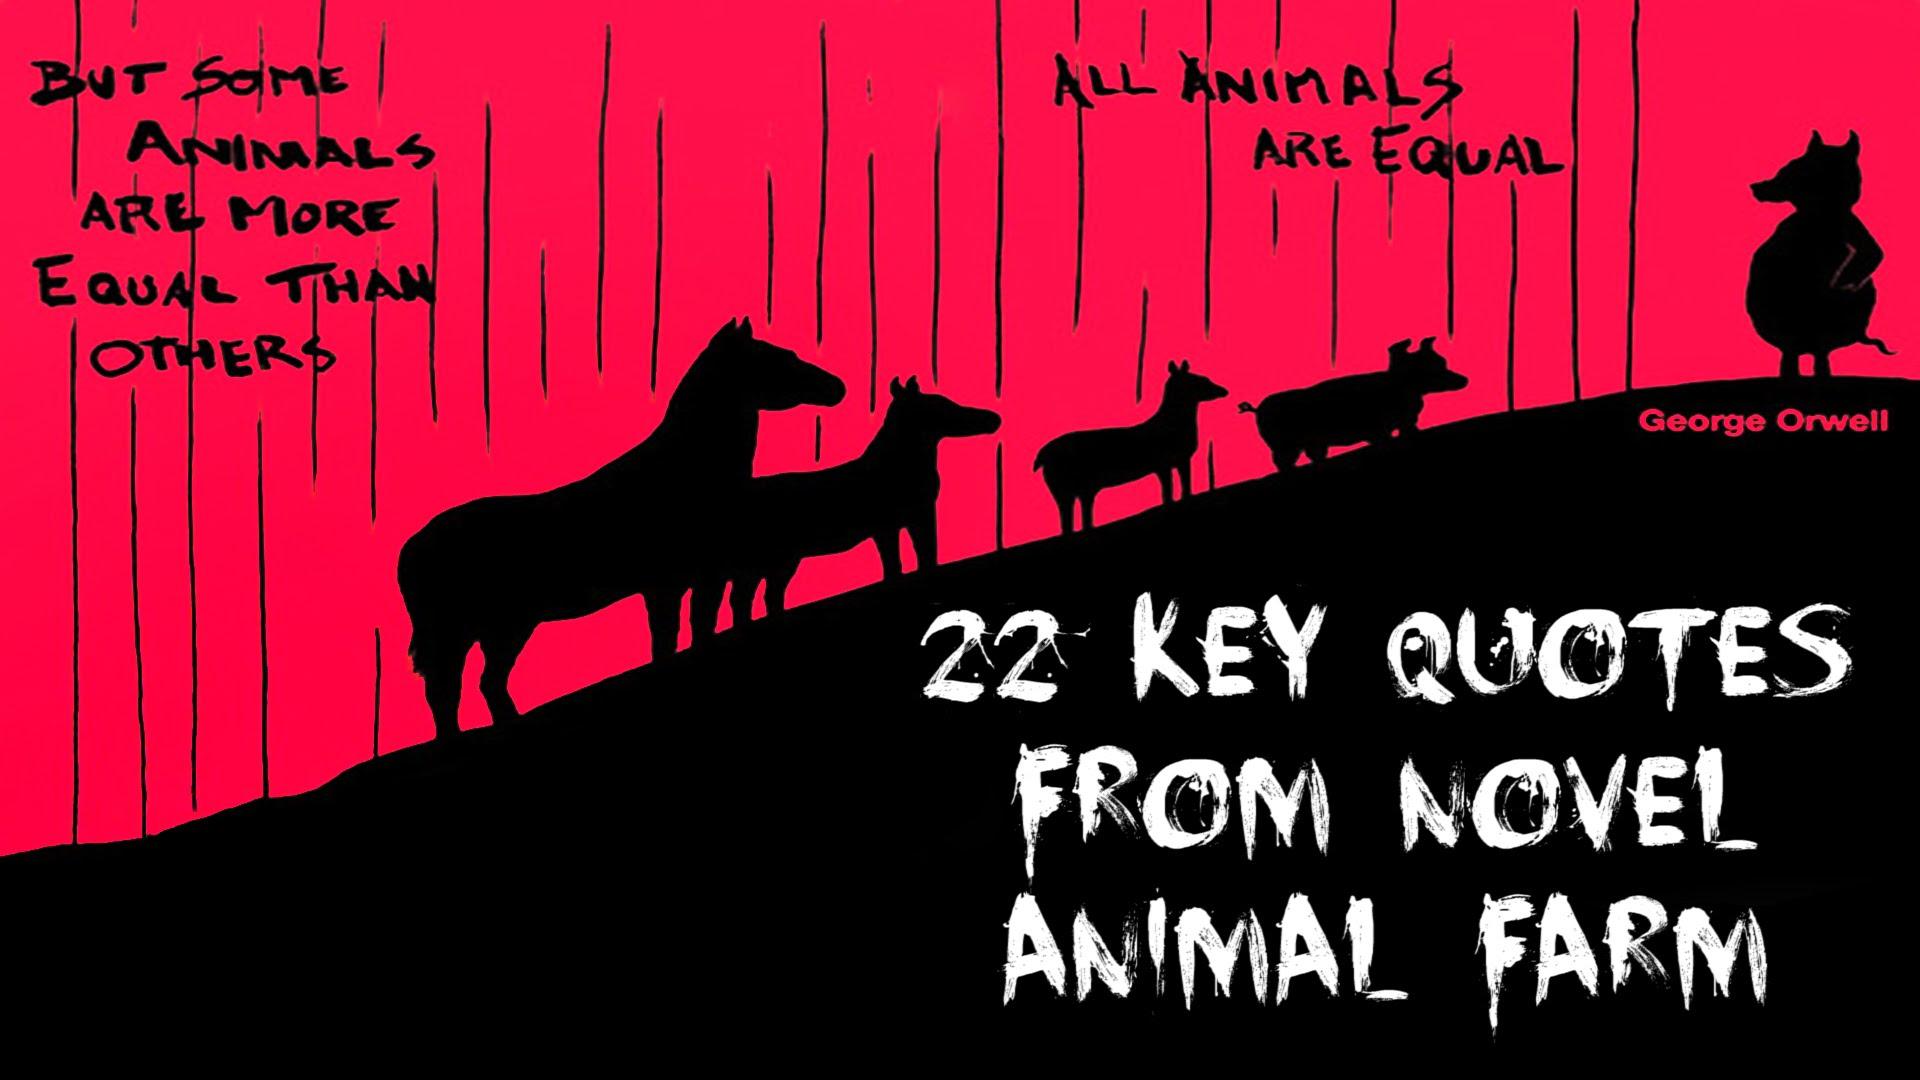 动物农场,George Orwell。